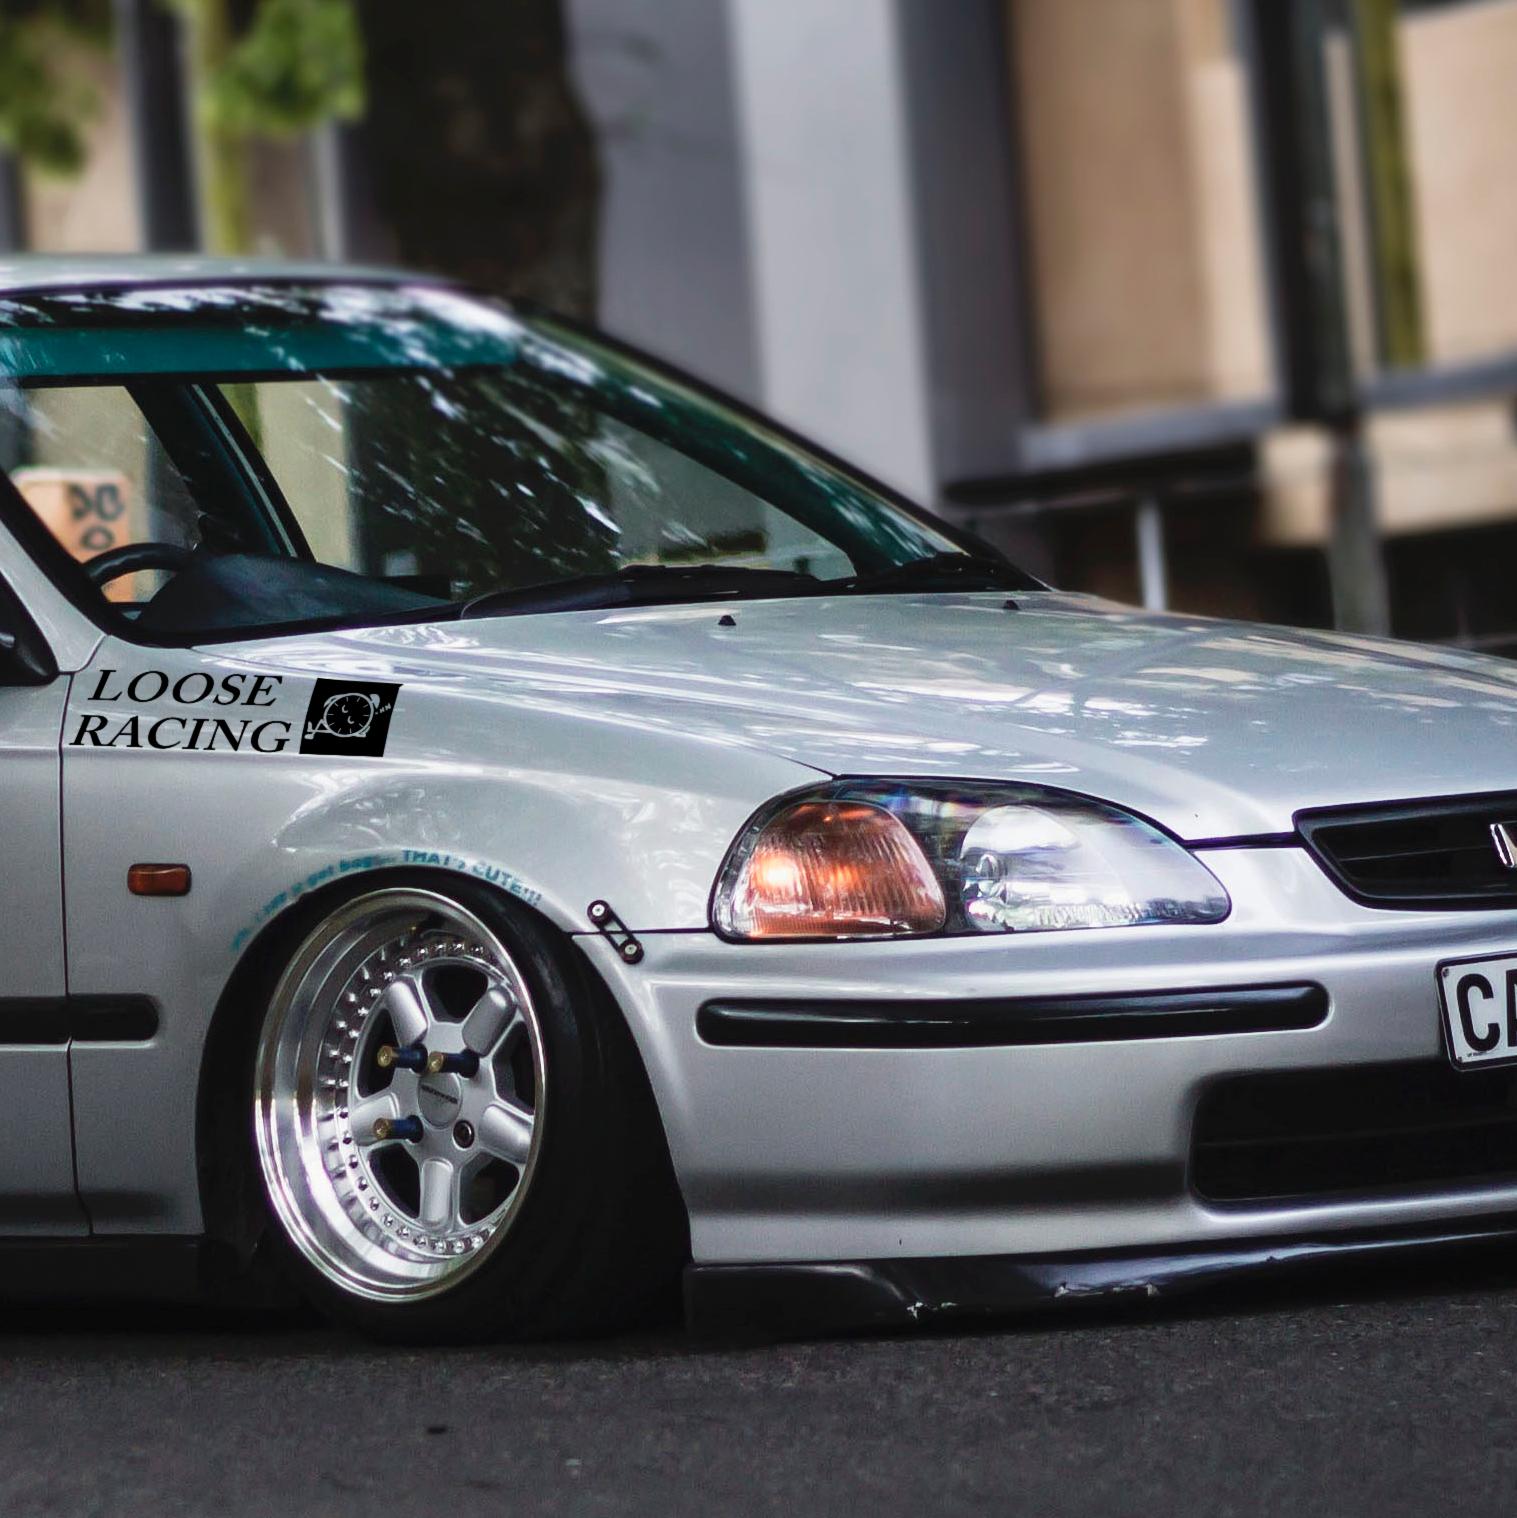 Loose racing logo banner loop osaka jdm kanjo performance kanjozoku honda racing civic ek eg car vinyl sticker decal